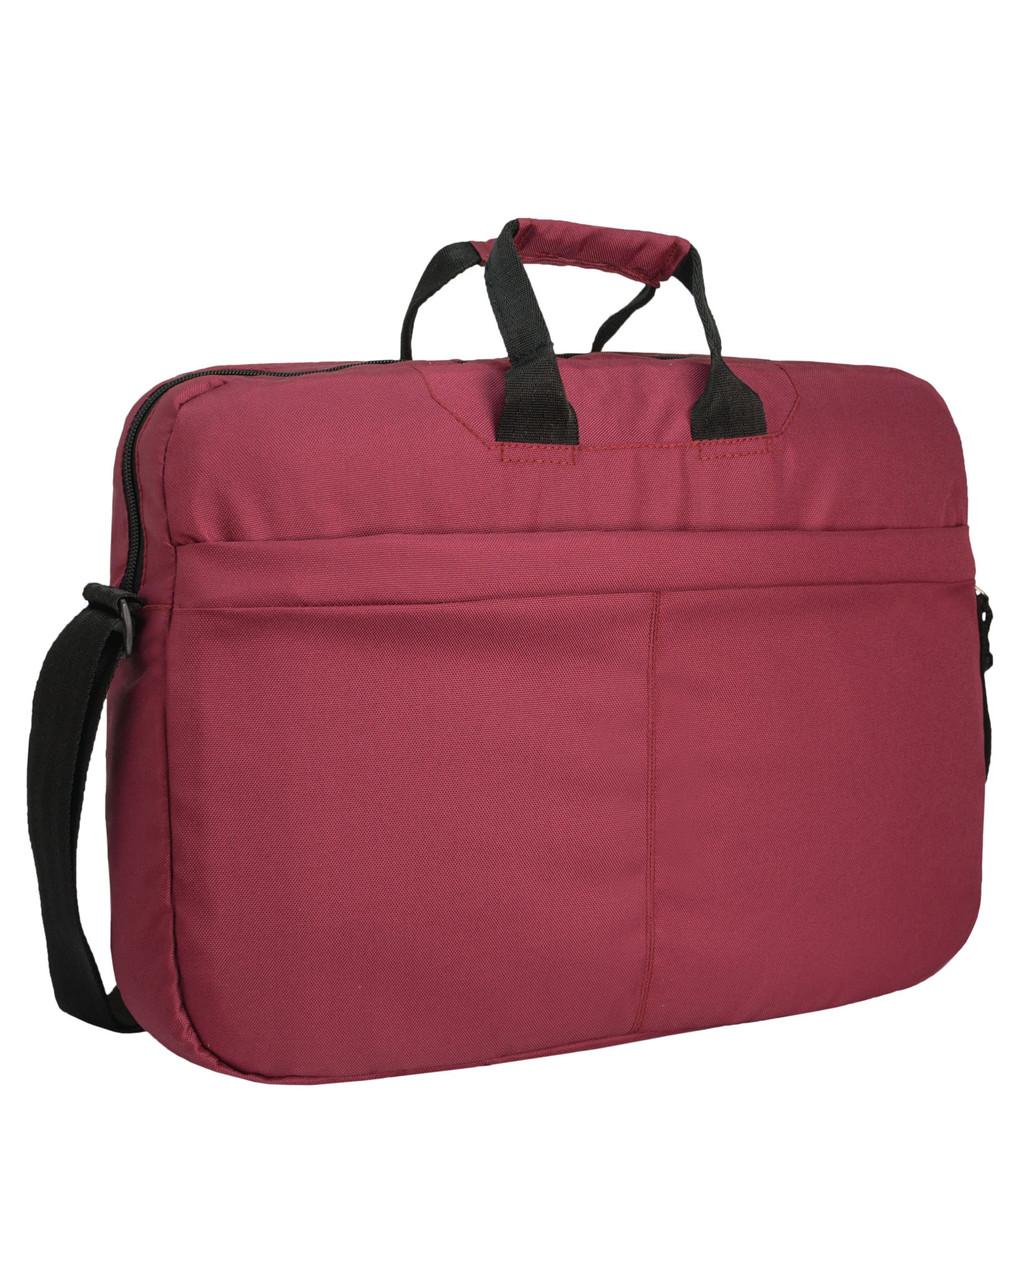 Сумка для ноутбука Surikat бордовая (мужская сумка, женская сумка, под